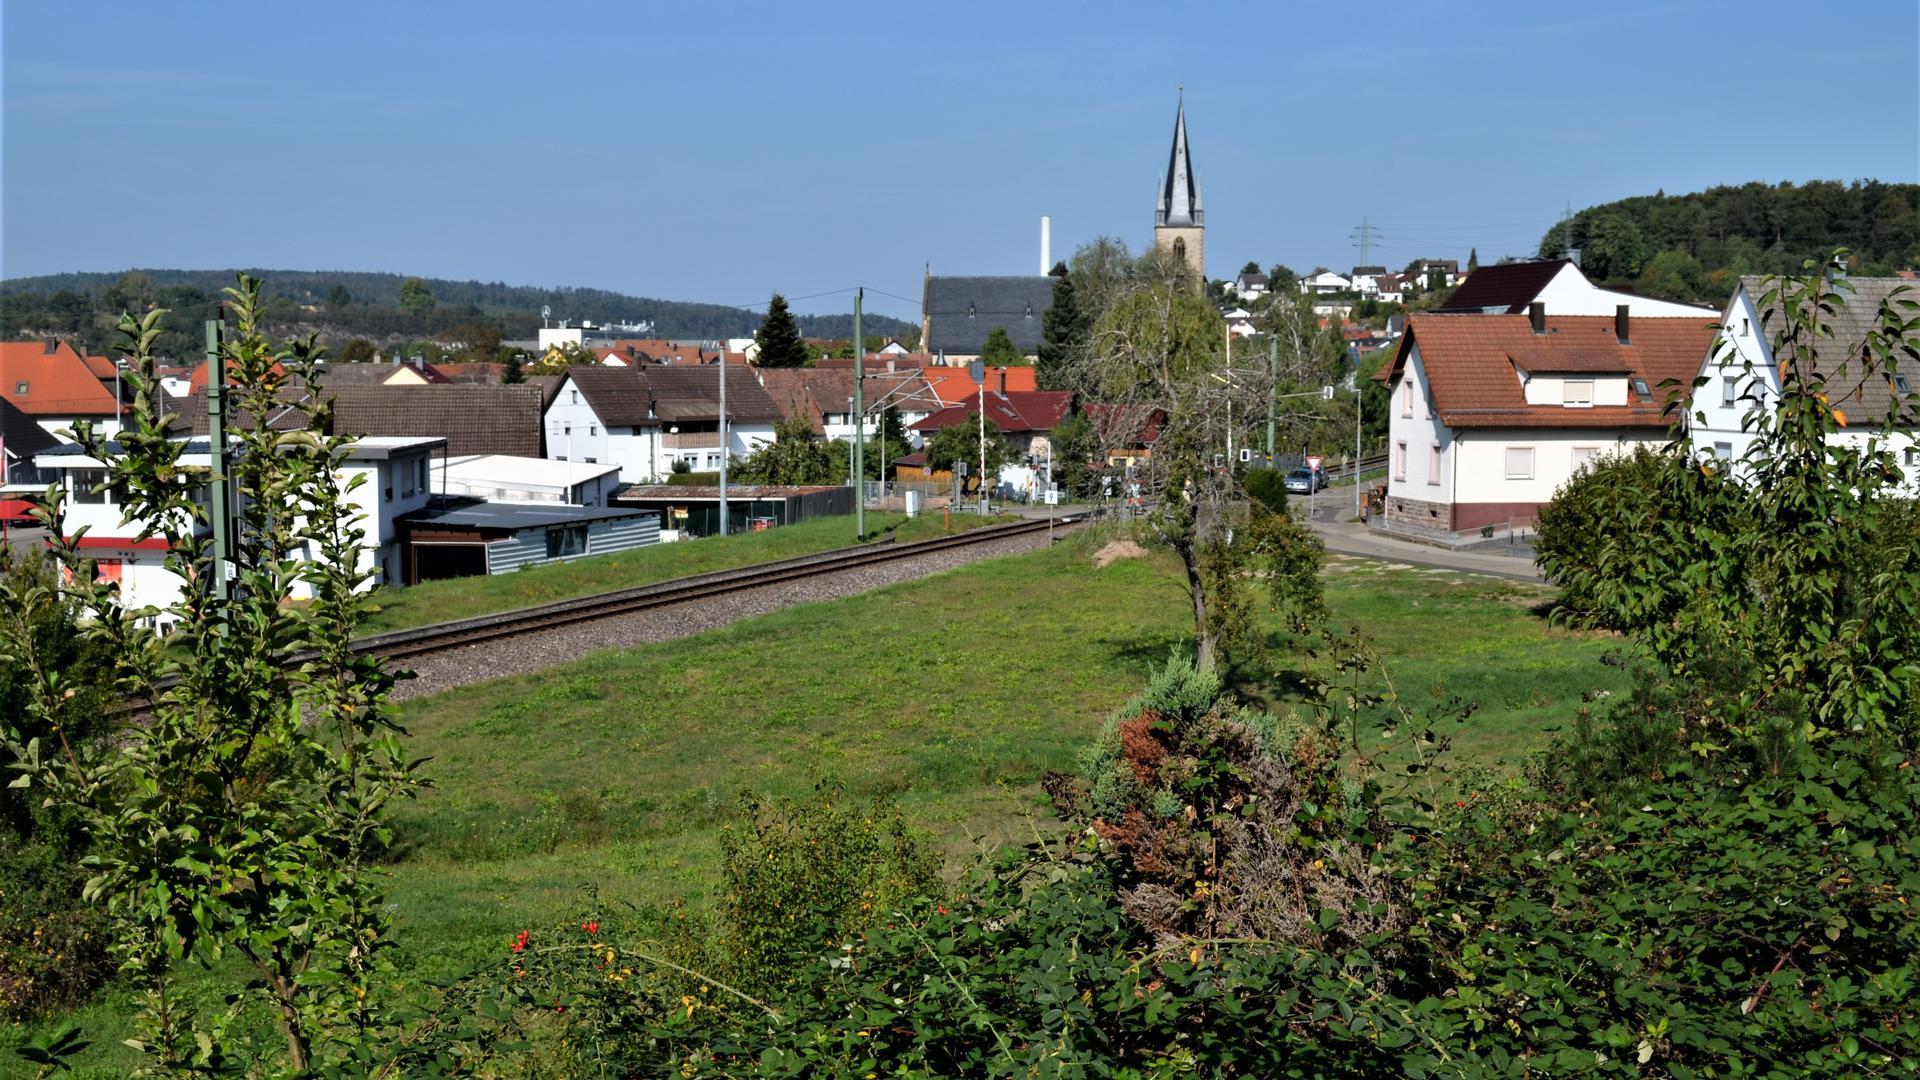 Neubaugebiet  Hördelsteinerweg Ottenau, Wohnbebauung, Bahnlinie und Kirche im Bild